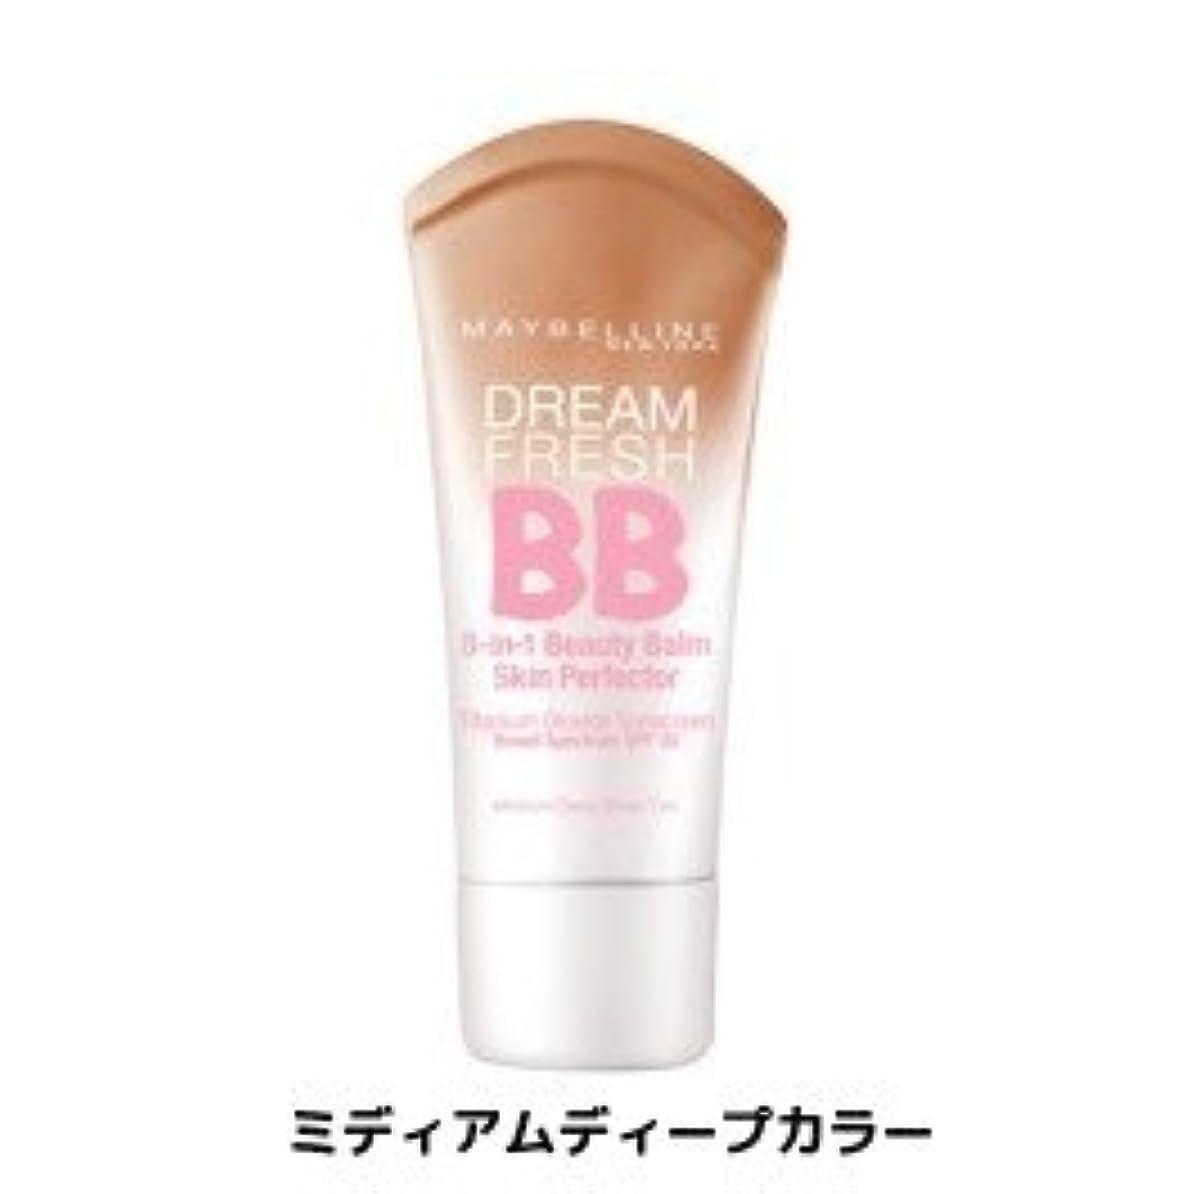 ギャング祝福するプレミアメイベリン BBクリーム  SPF 30*Maybelline Dream Fresh BB Cream 30ml【平行輸入品】 (ミディアムディープカラー)